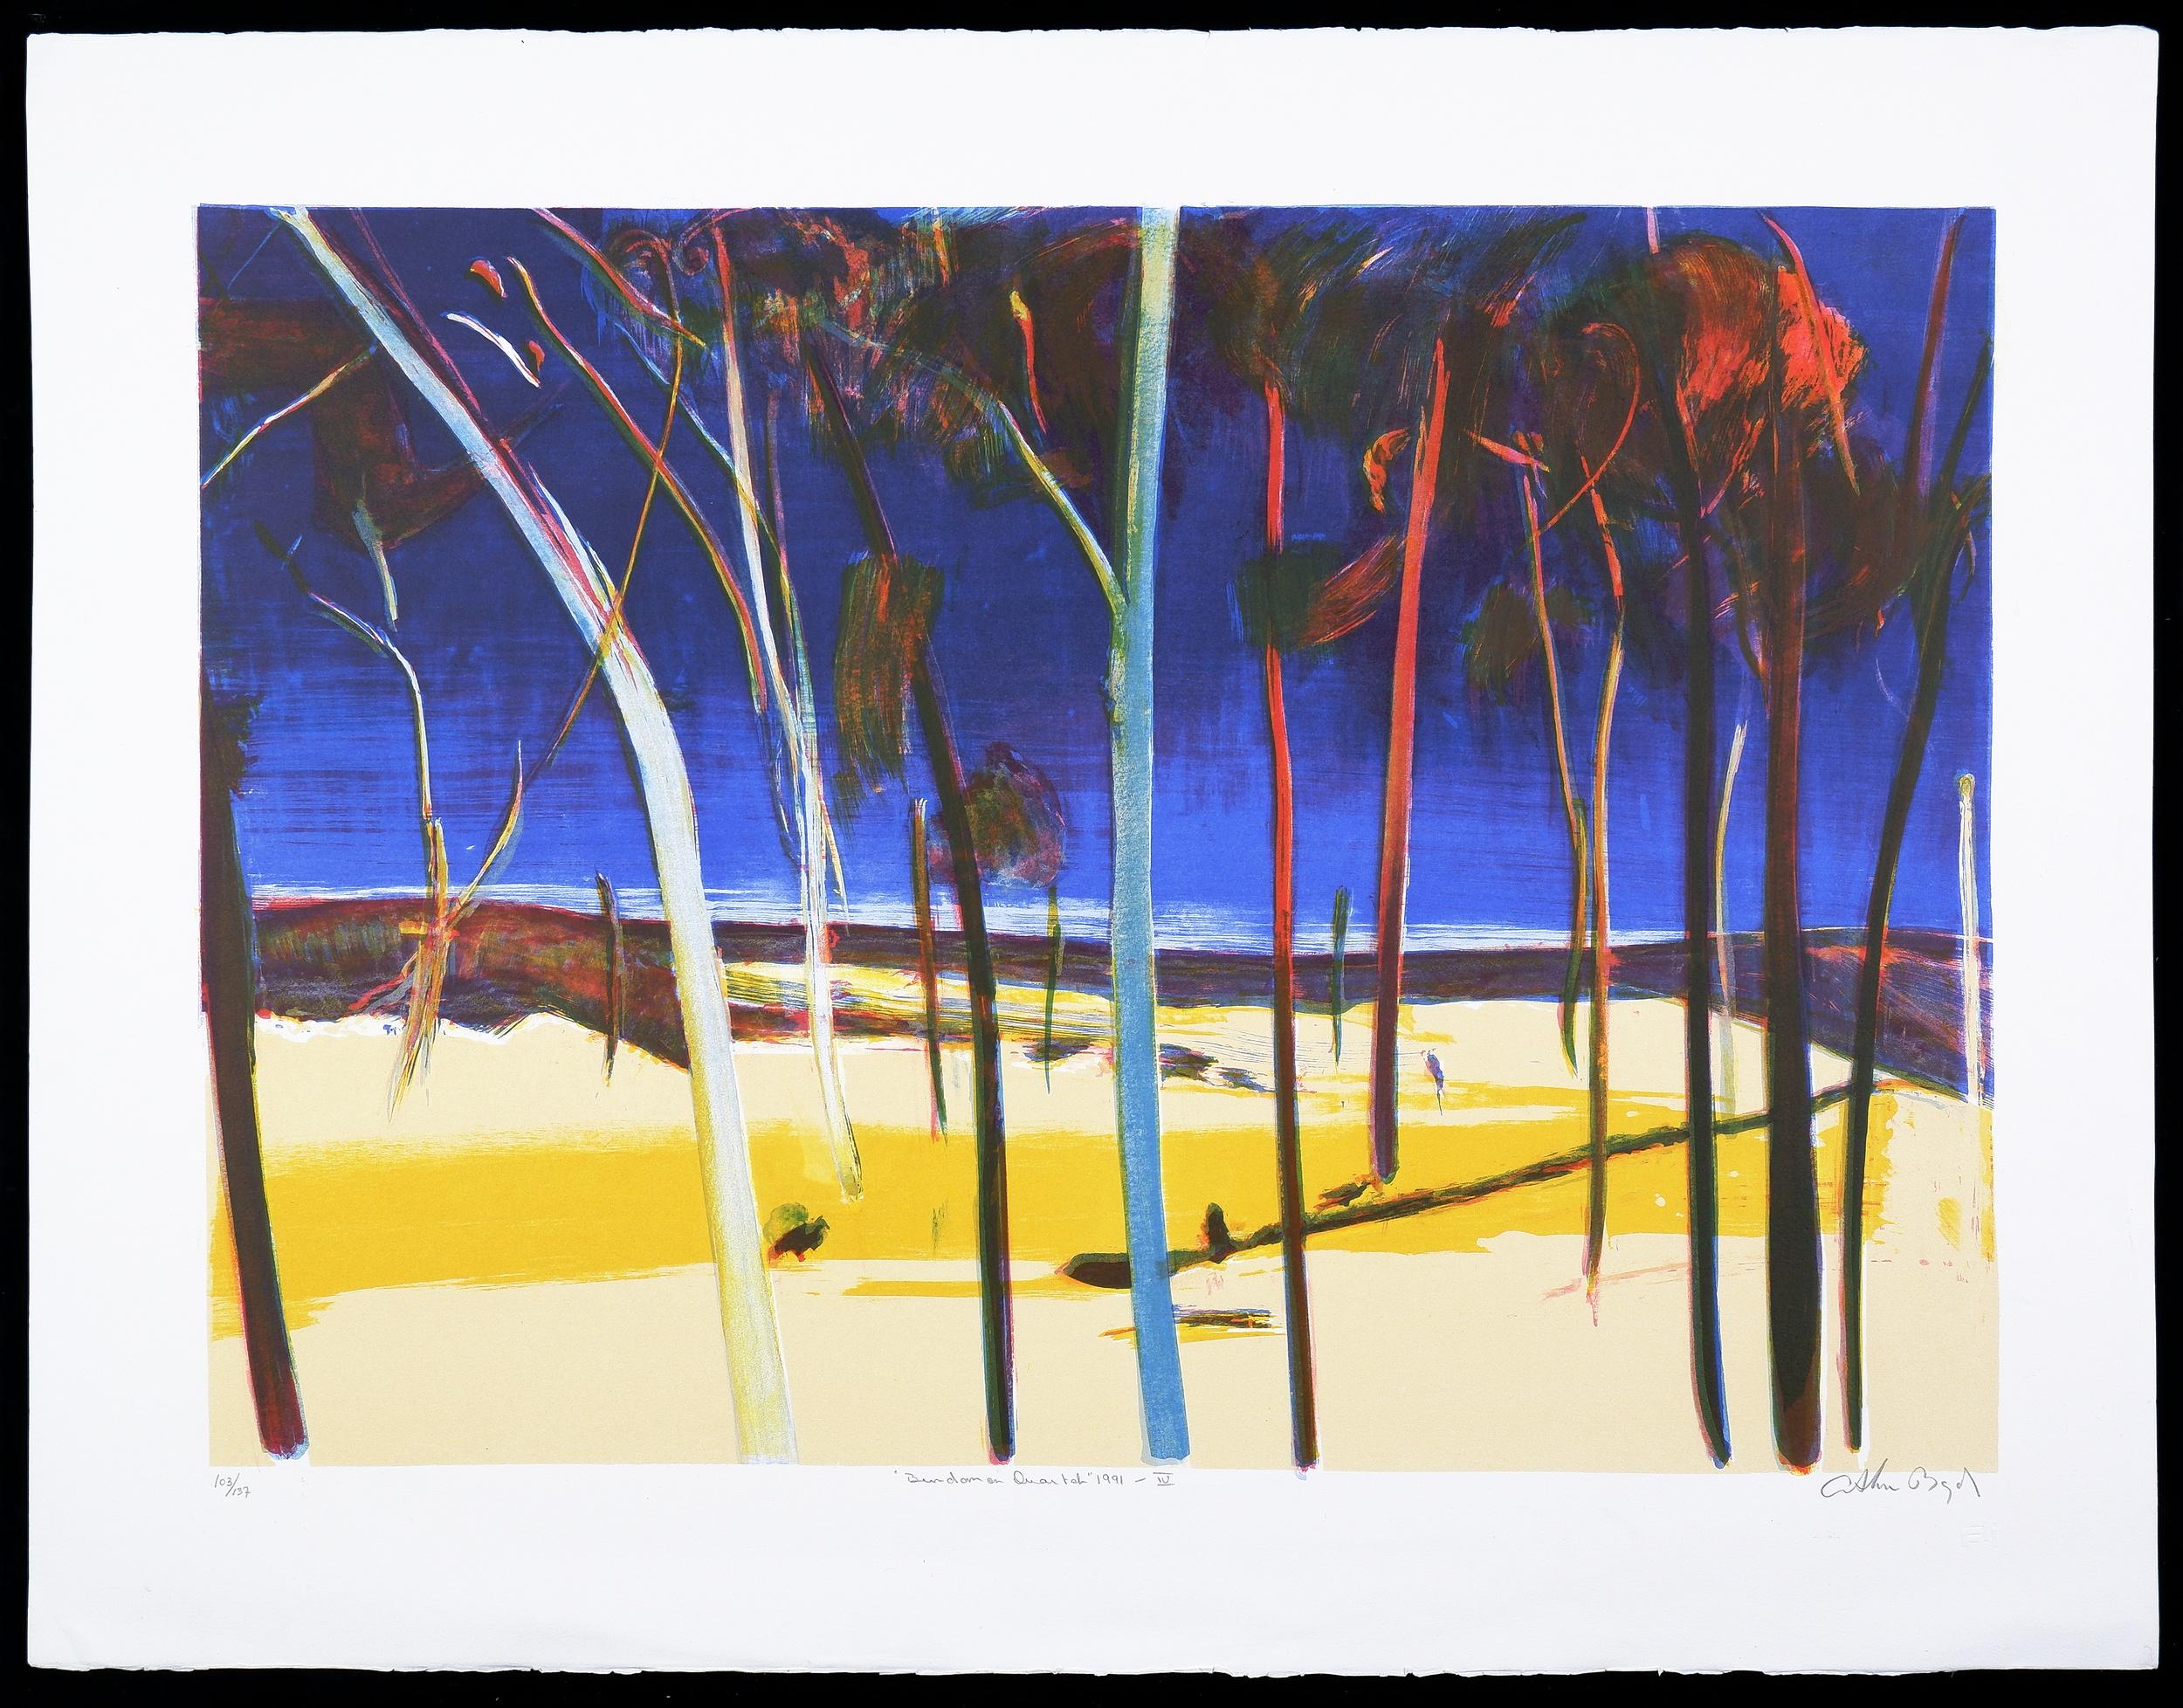 'Arthur Boyd (1920-1999), Bundanon Quartet IV 1991, Lithograph, 49 x 70 cm (image size)'